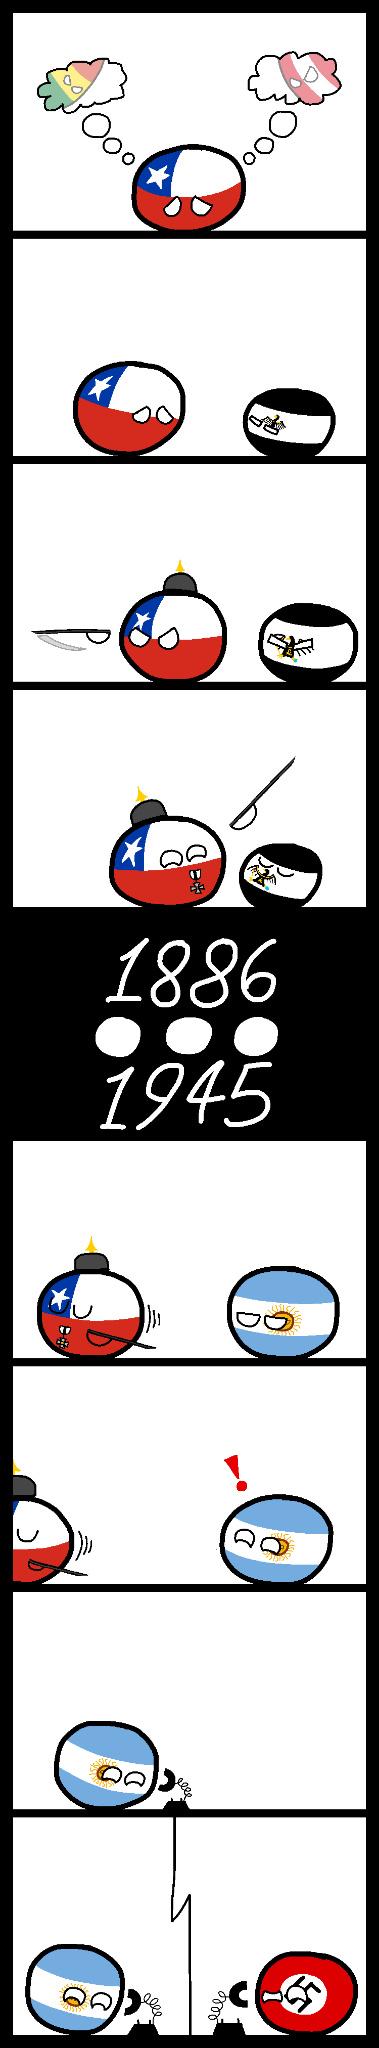 Countryballs - meme